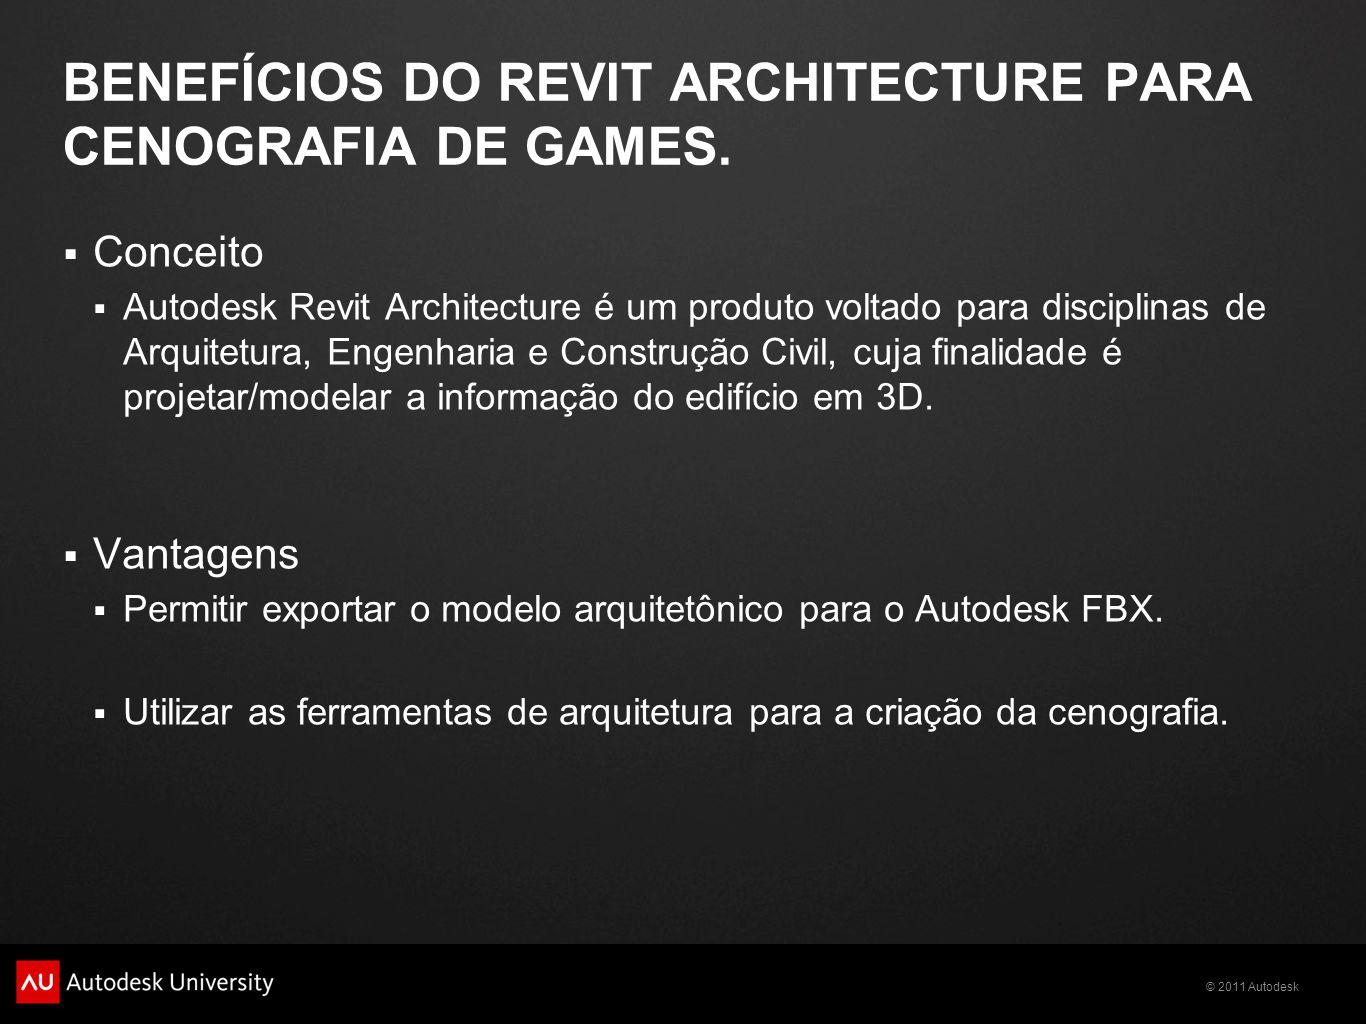 © 2011 Autodesk BENEFÍCIOS DO REVIT ARCHITECTURE PARA CENOGRAFIA DE GAMES. Conceito Autodesk Revit Architecture é um produto voltado para disciplinas